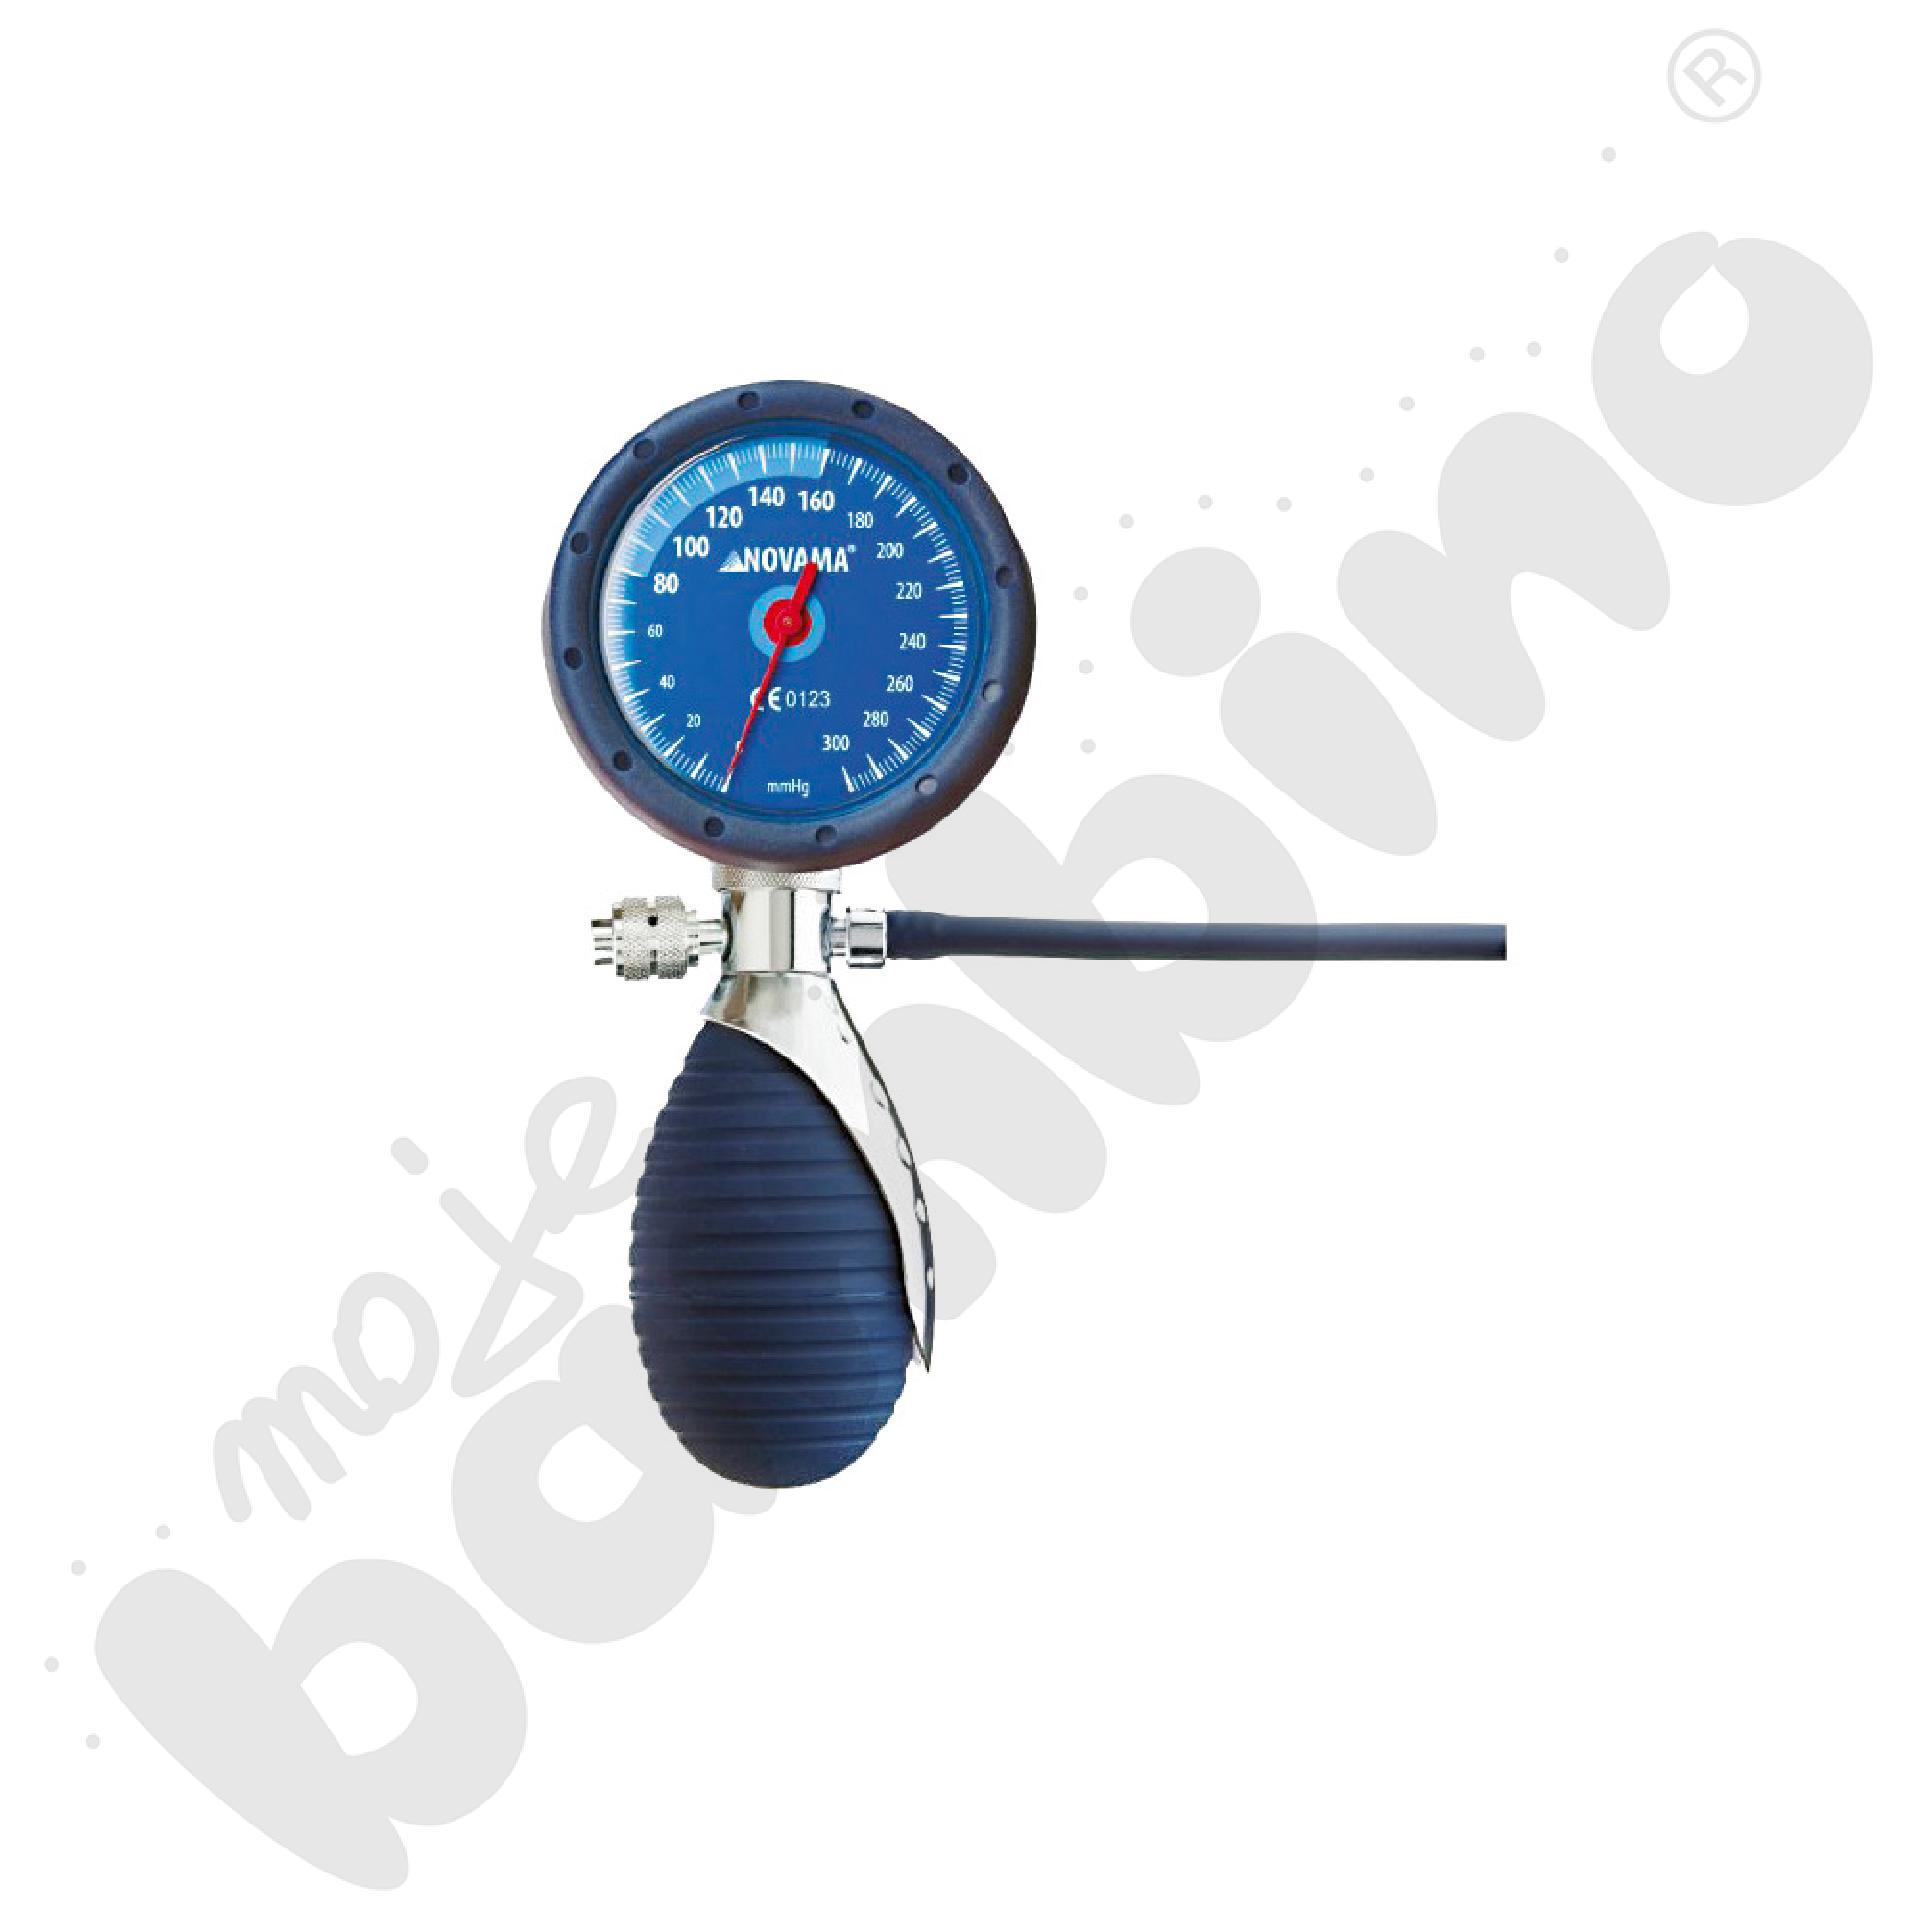 Ciśnieniomierz zegarowy Palm NOVAMA PROseries DURA